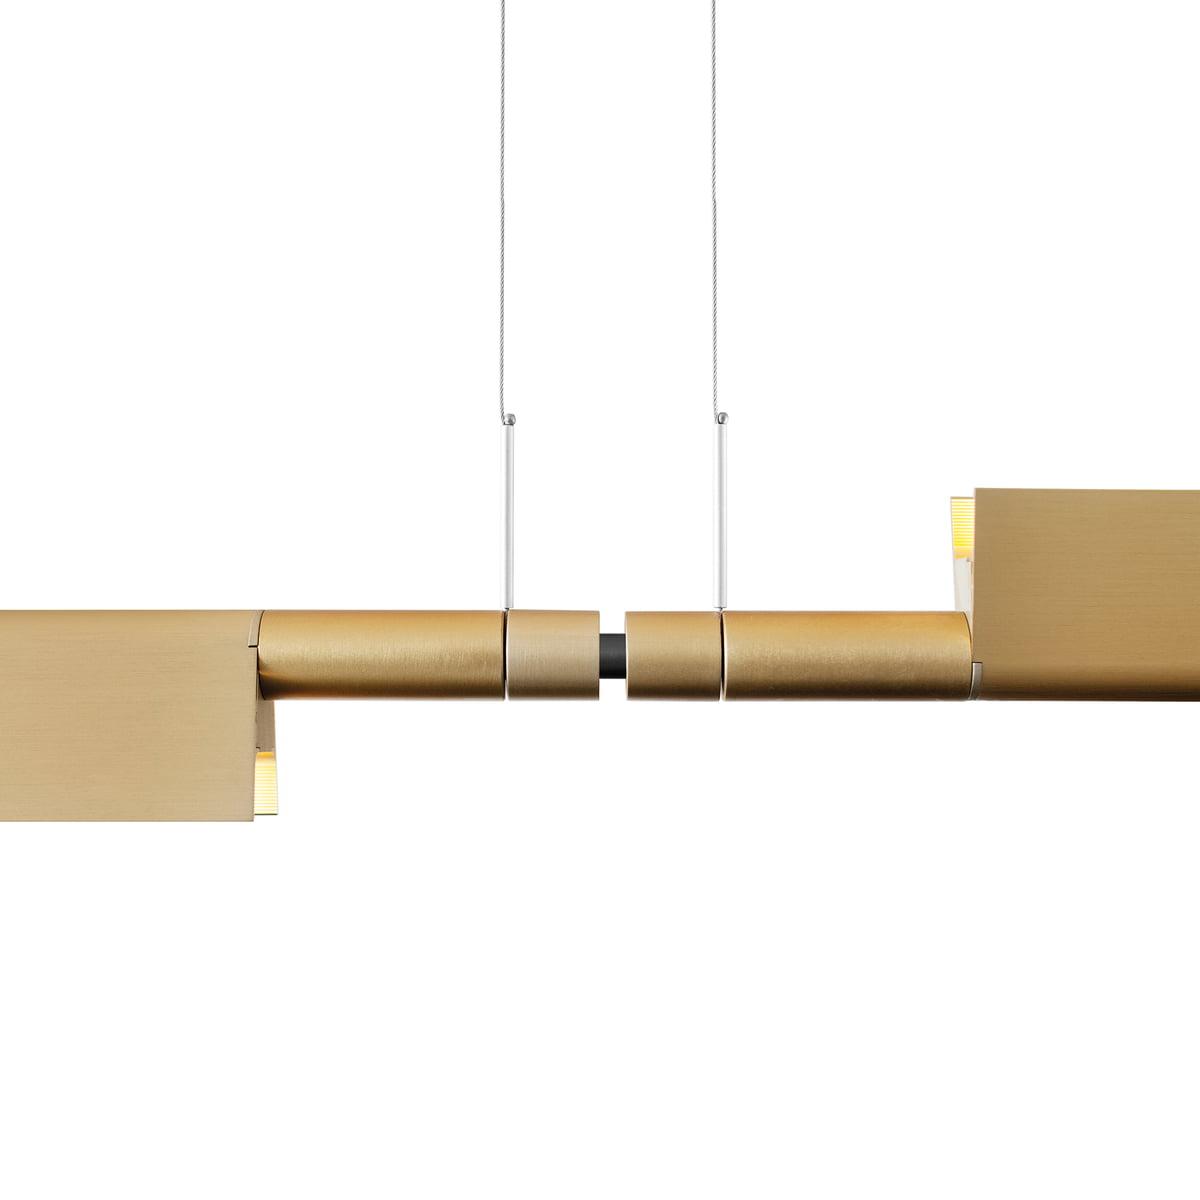 Luminaire compendium luceplan connox for Connox com